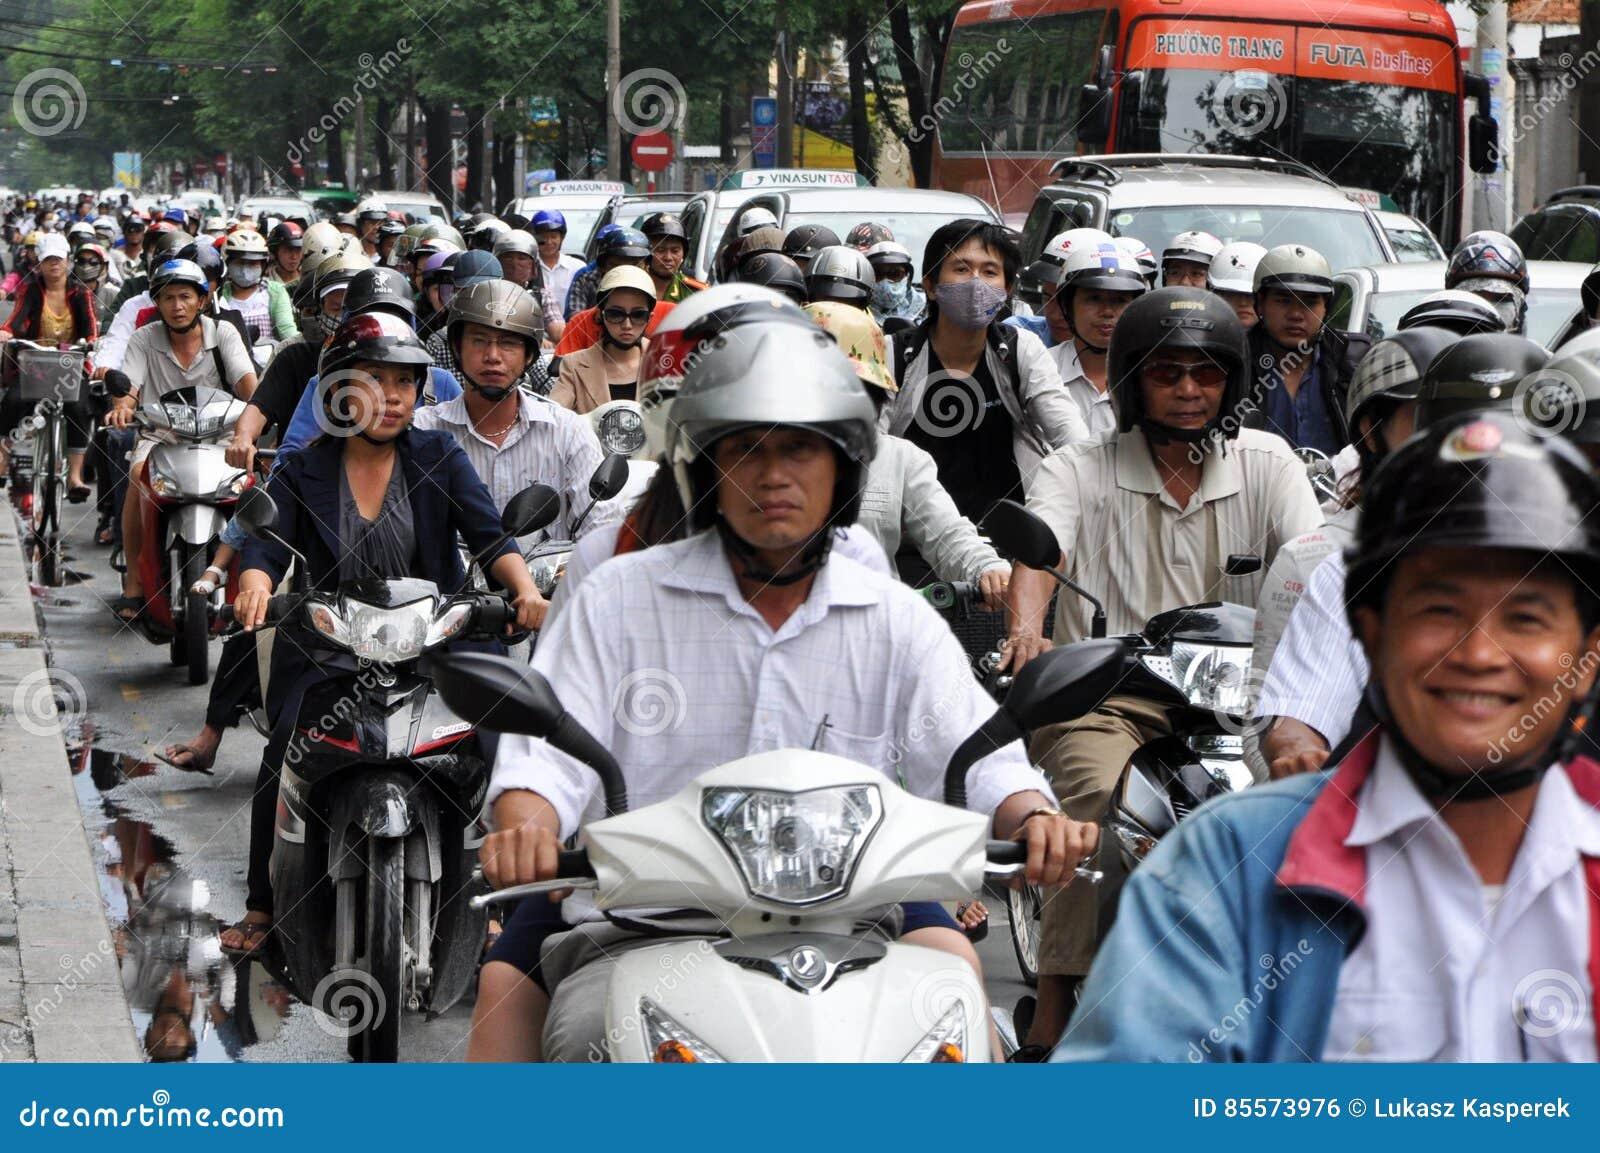 Heavy traffic in Saigon